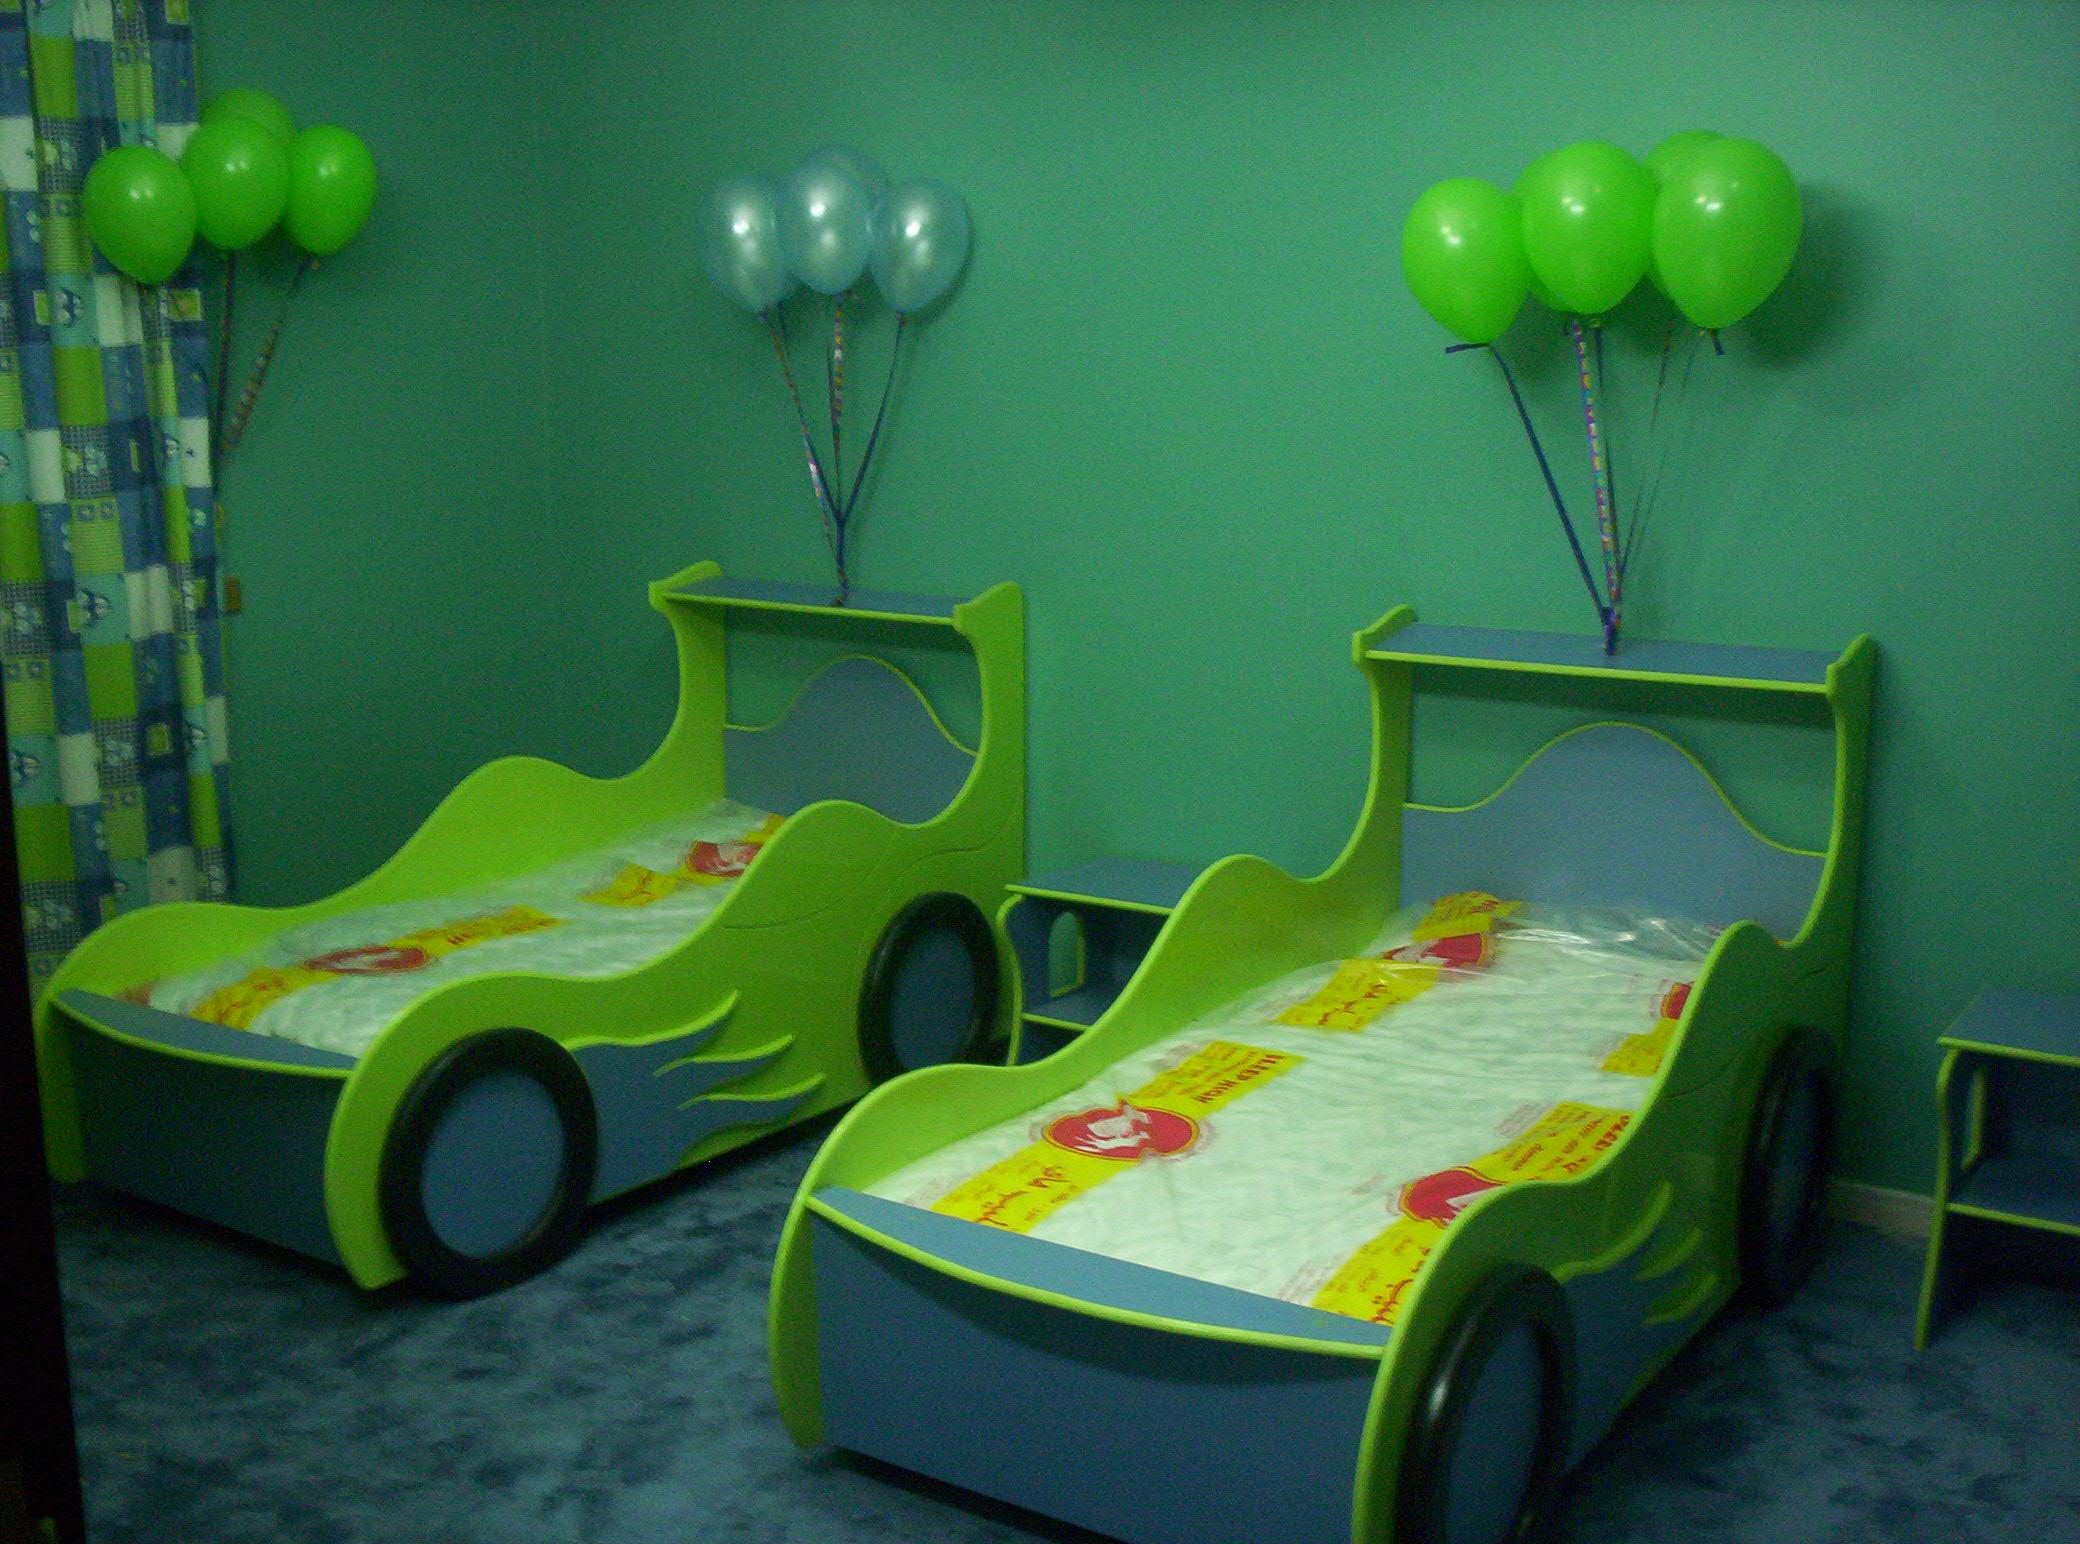 غرف نوم للأطفال.   منتديات الشروق أونلاين